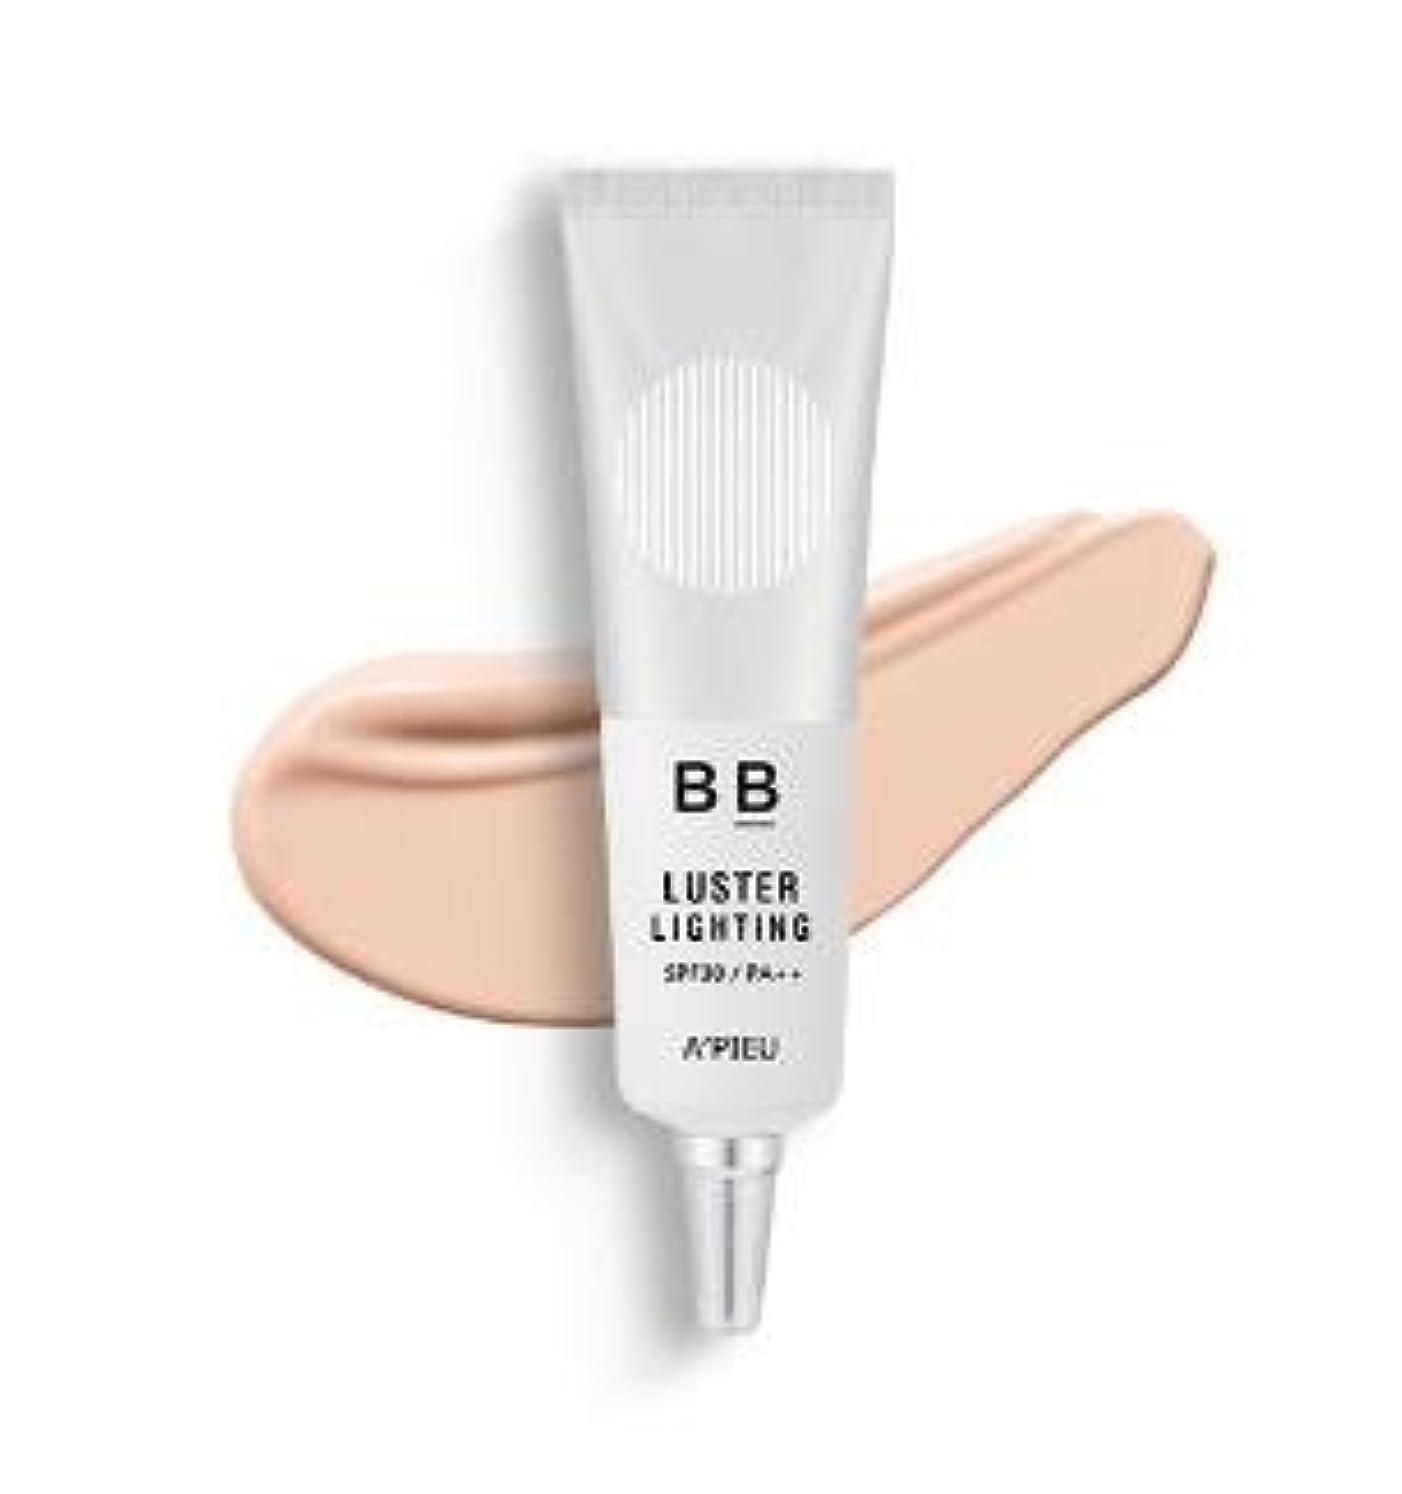 誇りに思う花に水をやる振り向くAPIEU Luster Lighting BB Cream No. 21 アピュ 潤光 BB クリーム20g [並行輸入品]